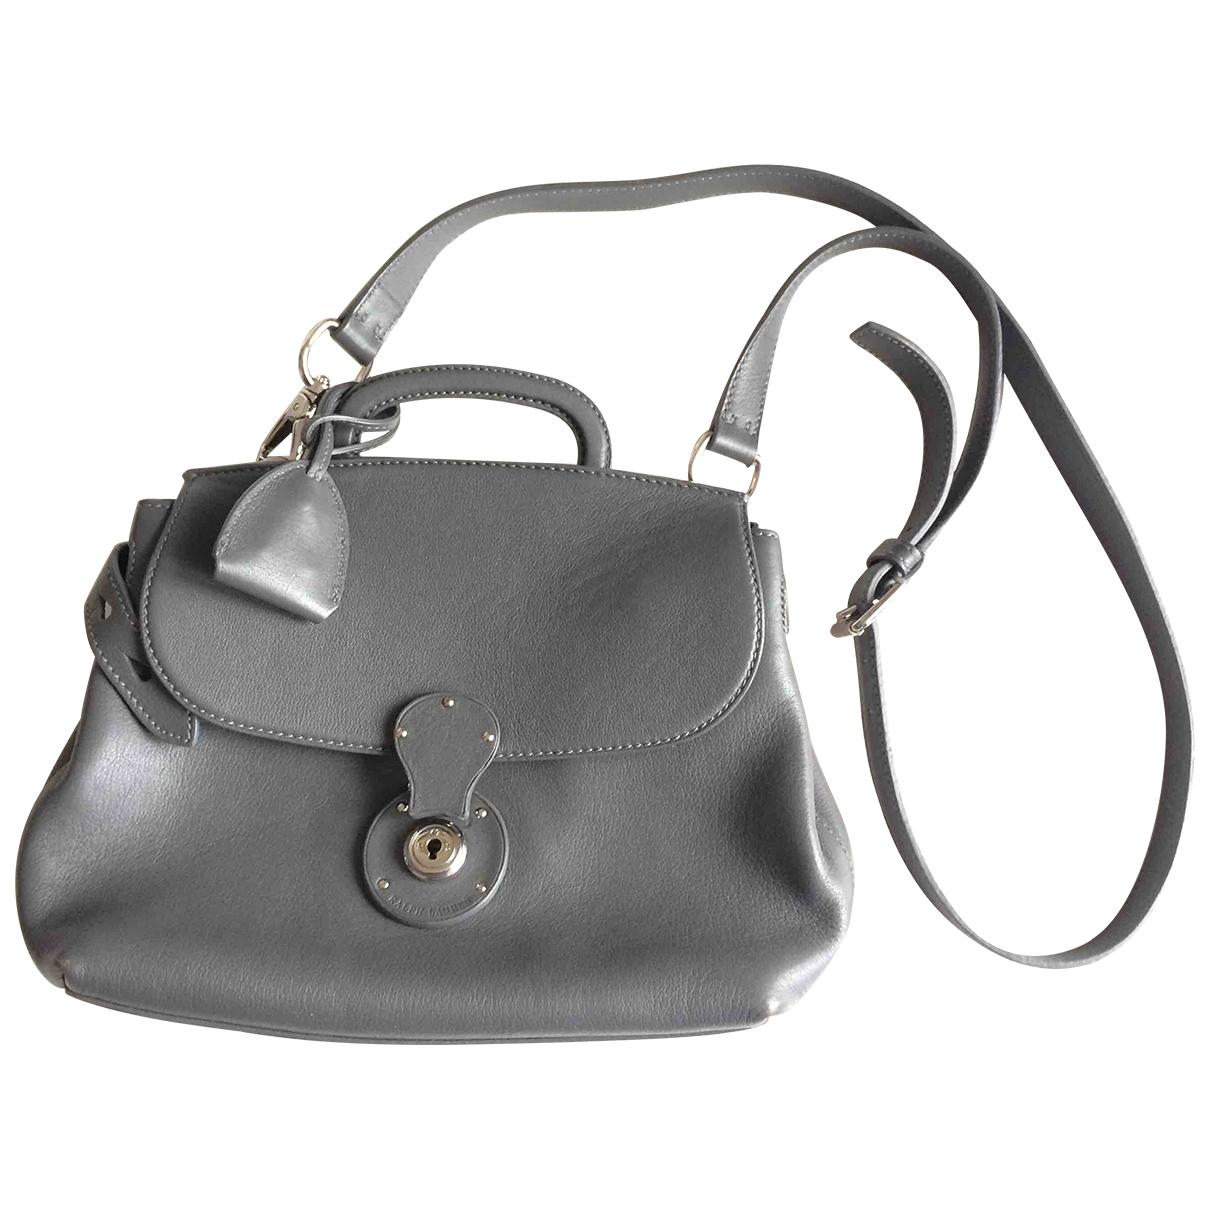 Ralph Lauren - Sac a main   pour femme en cuir - gris